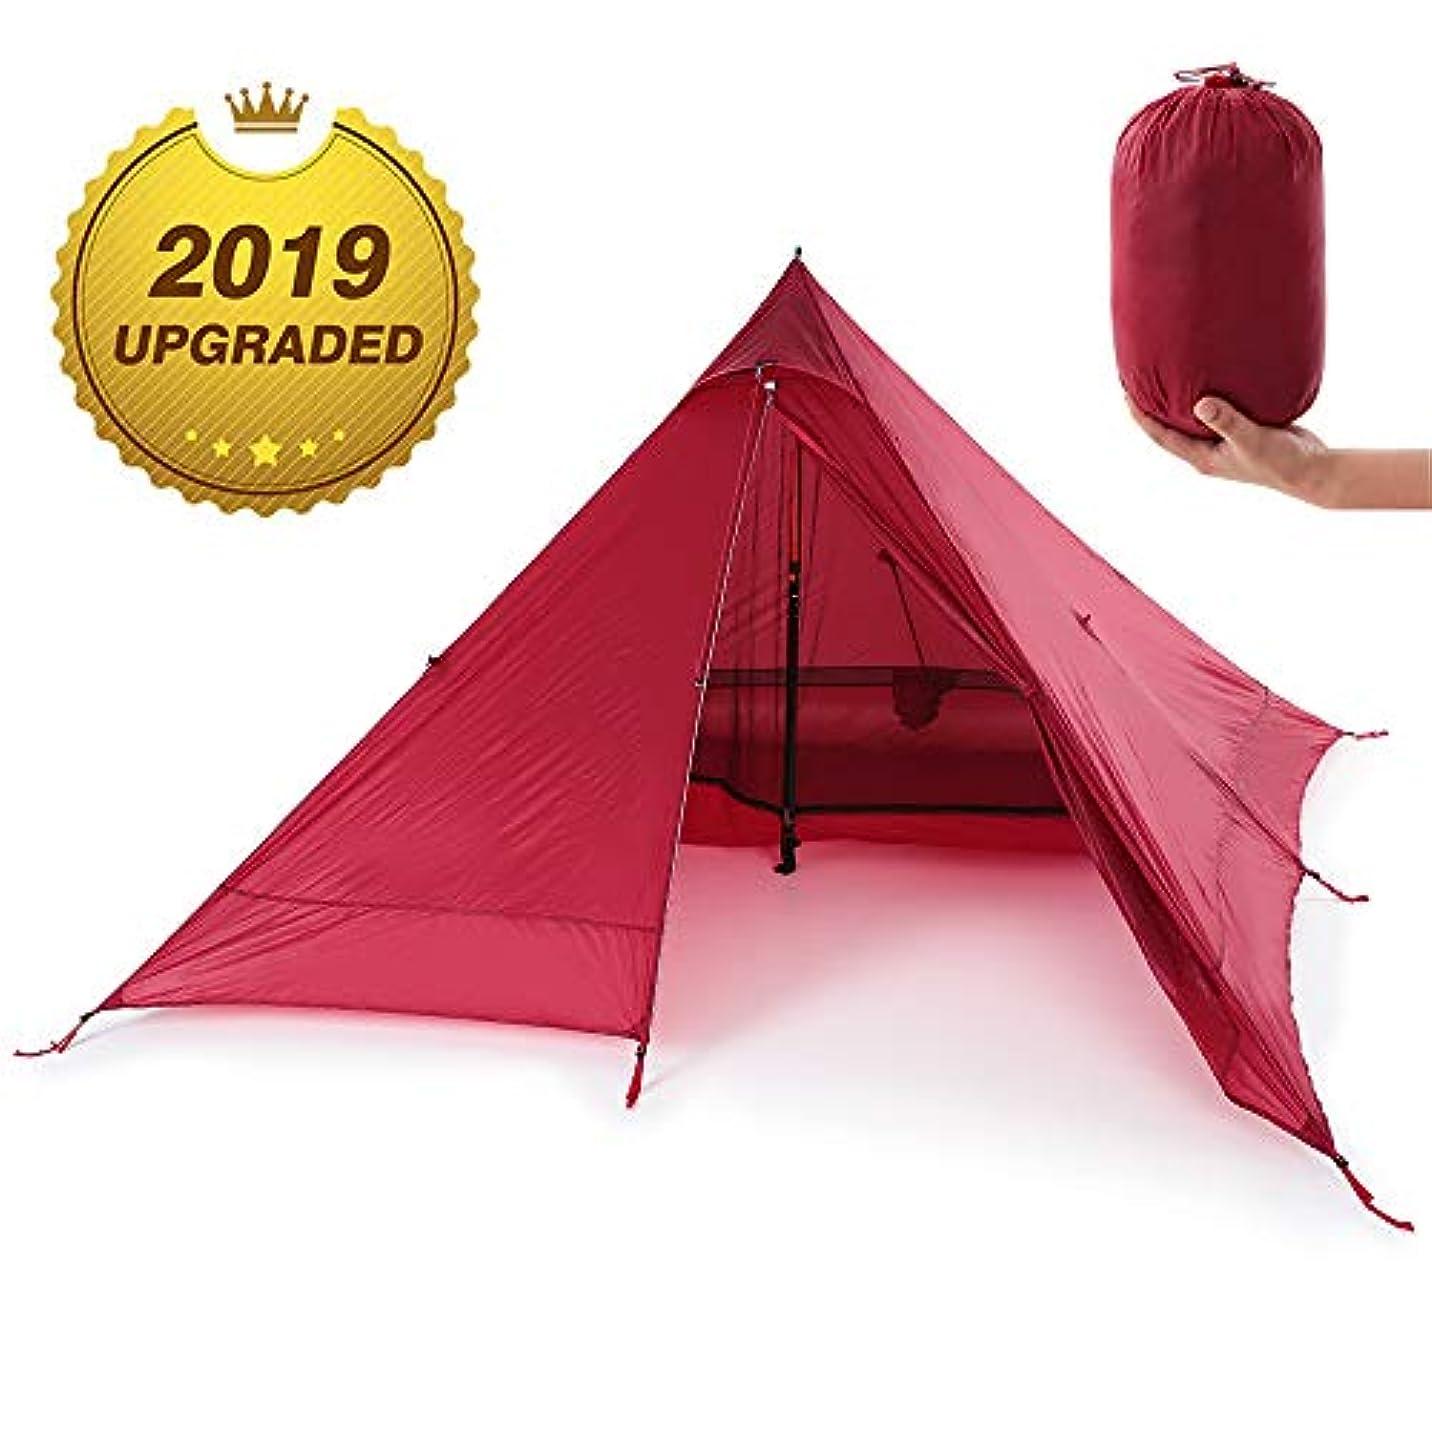 ホイール実り多い味わうLixada ワンポールテント キャンプテント 1-2人用 2色 超軽量 簡単設営と撤収 前室広い ツーリング フルクローズ 防雨防風防災 SPF40+ アウトドア キャンプ ピクニック 災害など